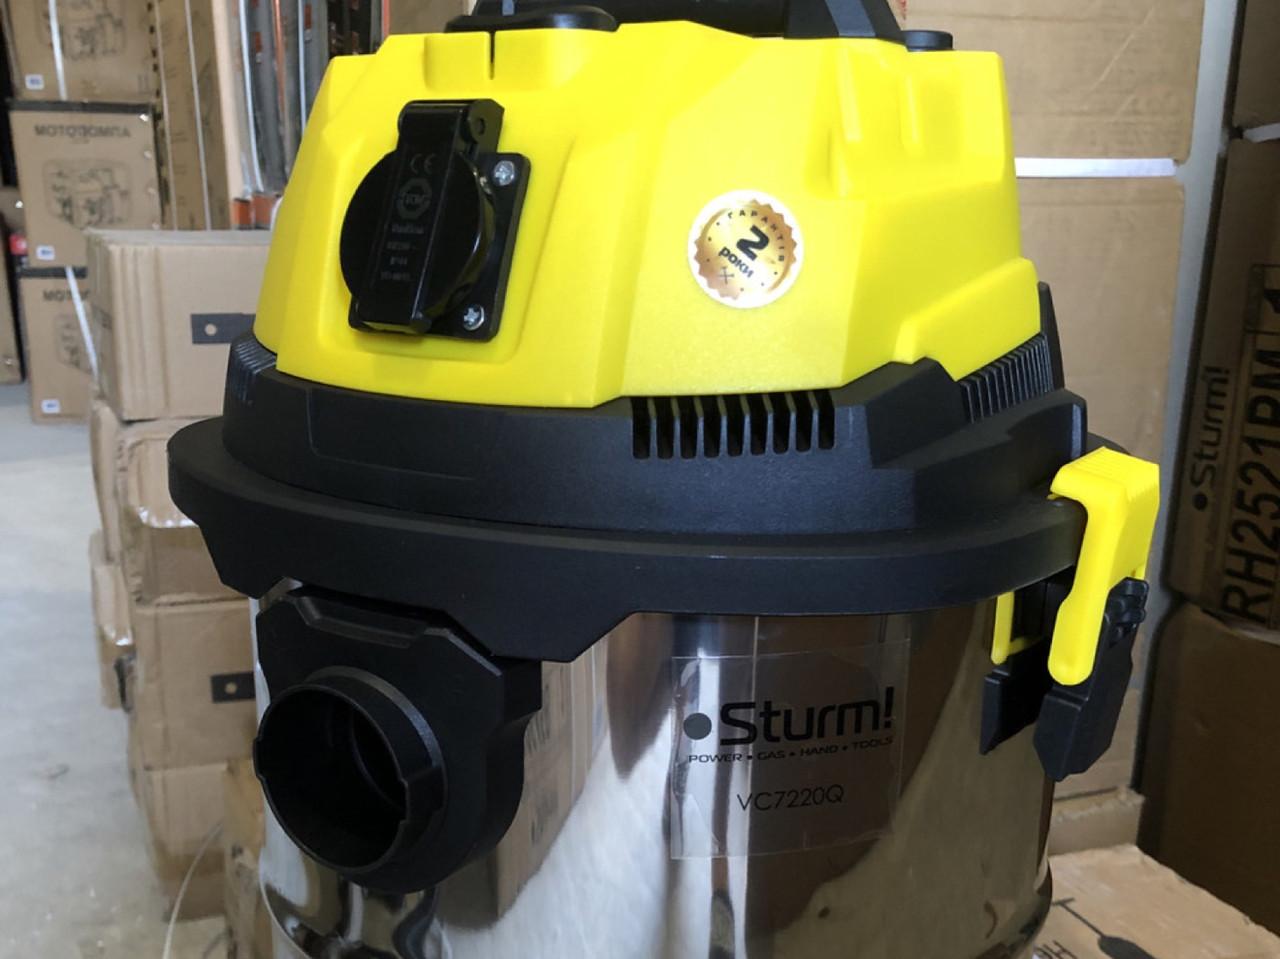 Пылесос для влажной и сухой уборки Sturm VC7220Q порохотяг